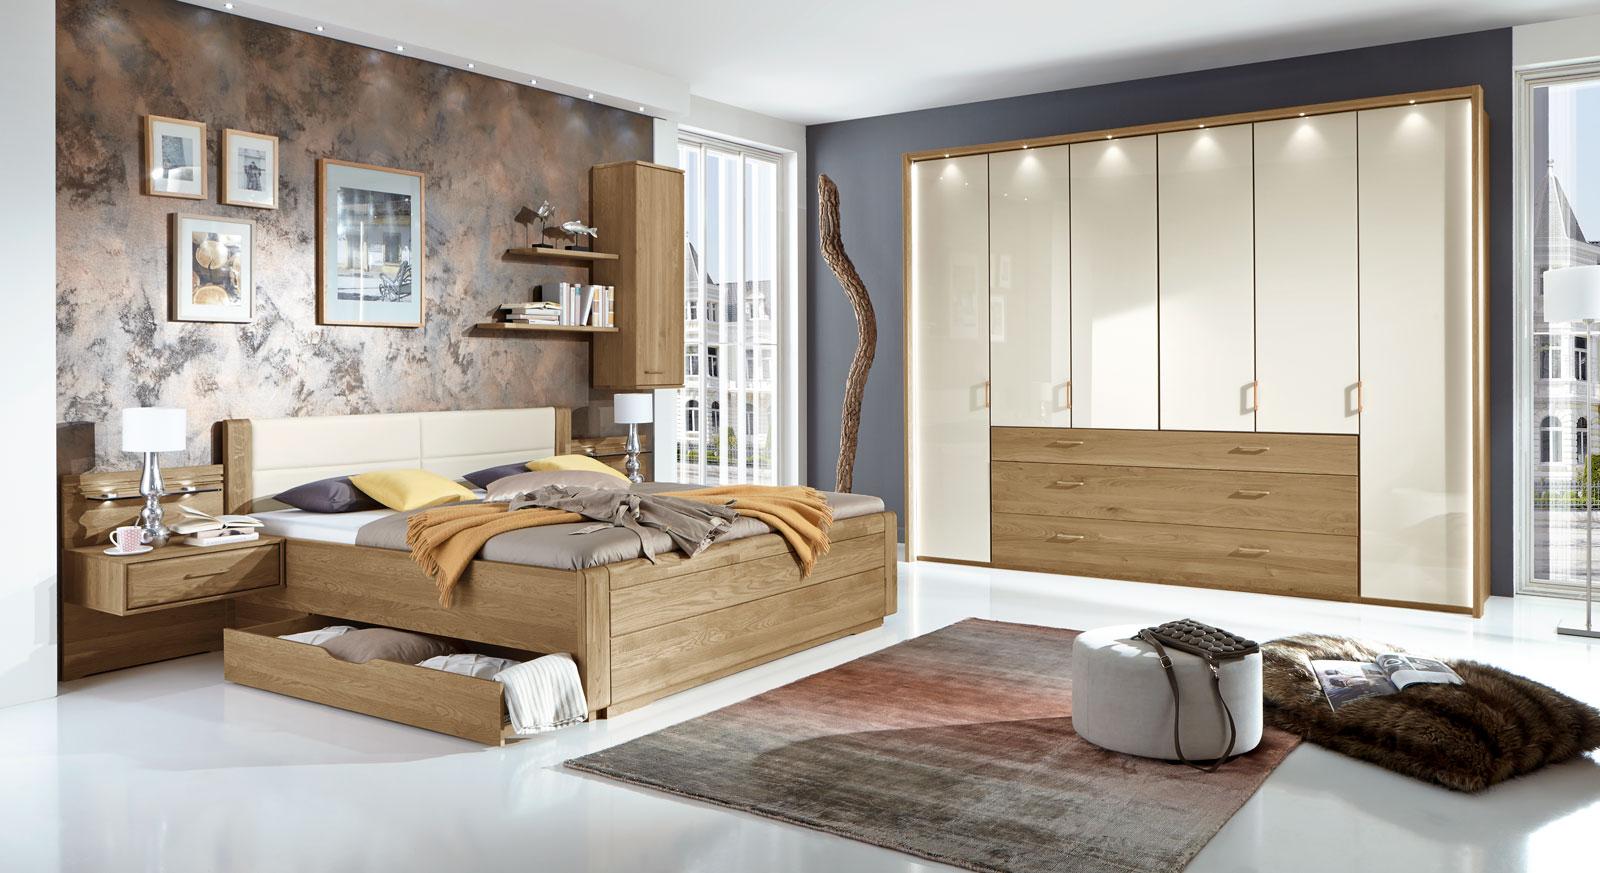 Full Size of Schlafzimmer Komplett Modern Gnstig Gnstige Fenster Regale Komplettes Küche Holz Rauch Lampe Vorhänge Deckenlampe Günstig Sessel Moderne Duschen Teppich Wohnzimmer Schlafzimmer Komplett Modern